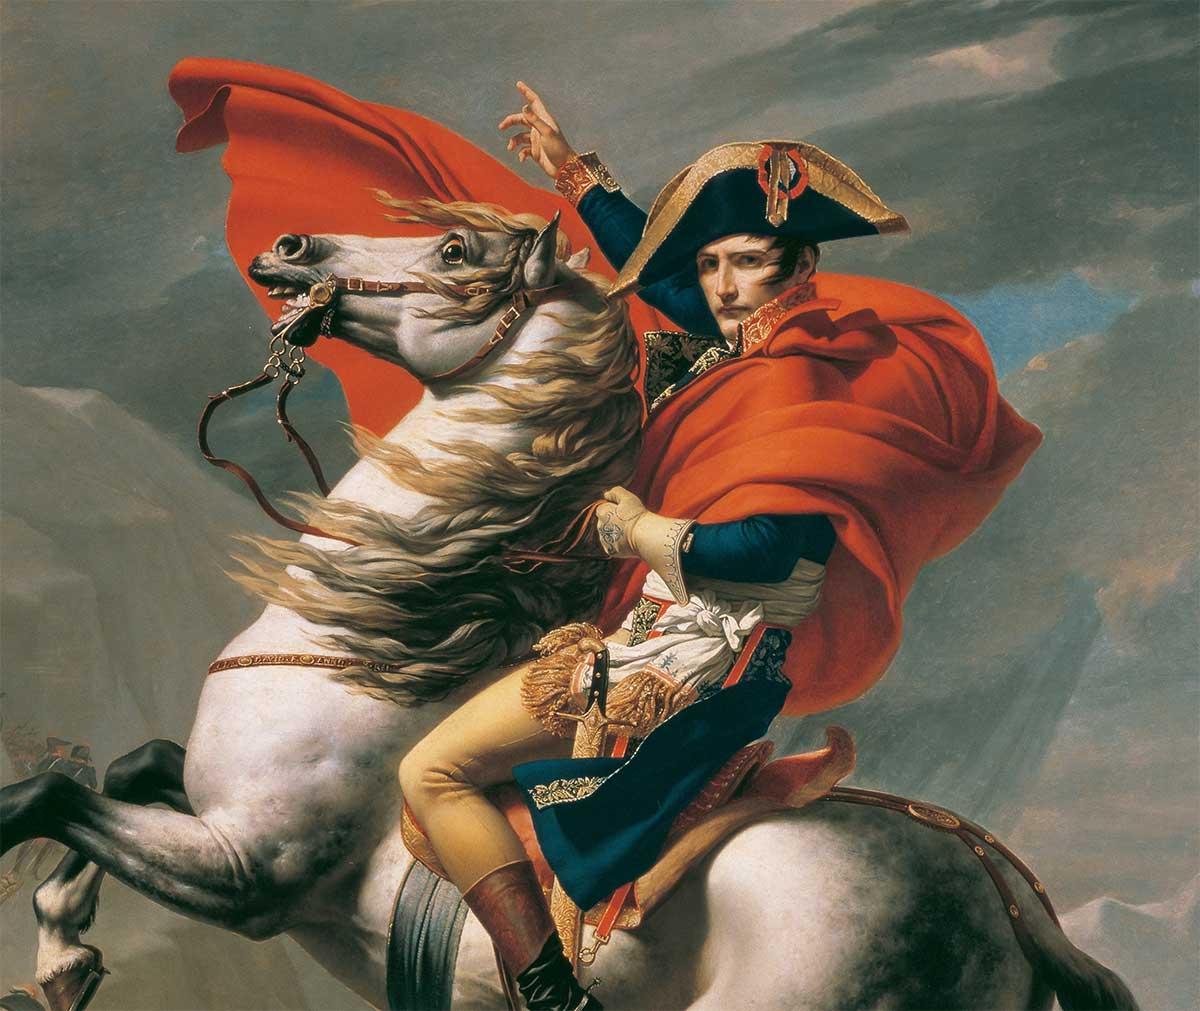 41の名言とエピソードで知るナポレオン[英語と和訳]   名言倶楽部